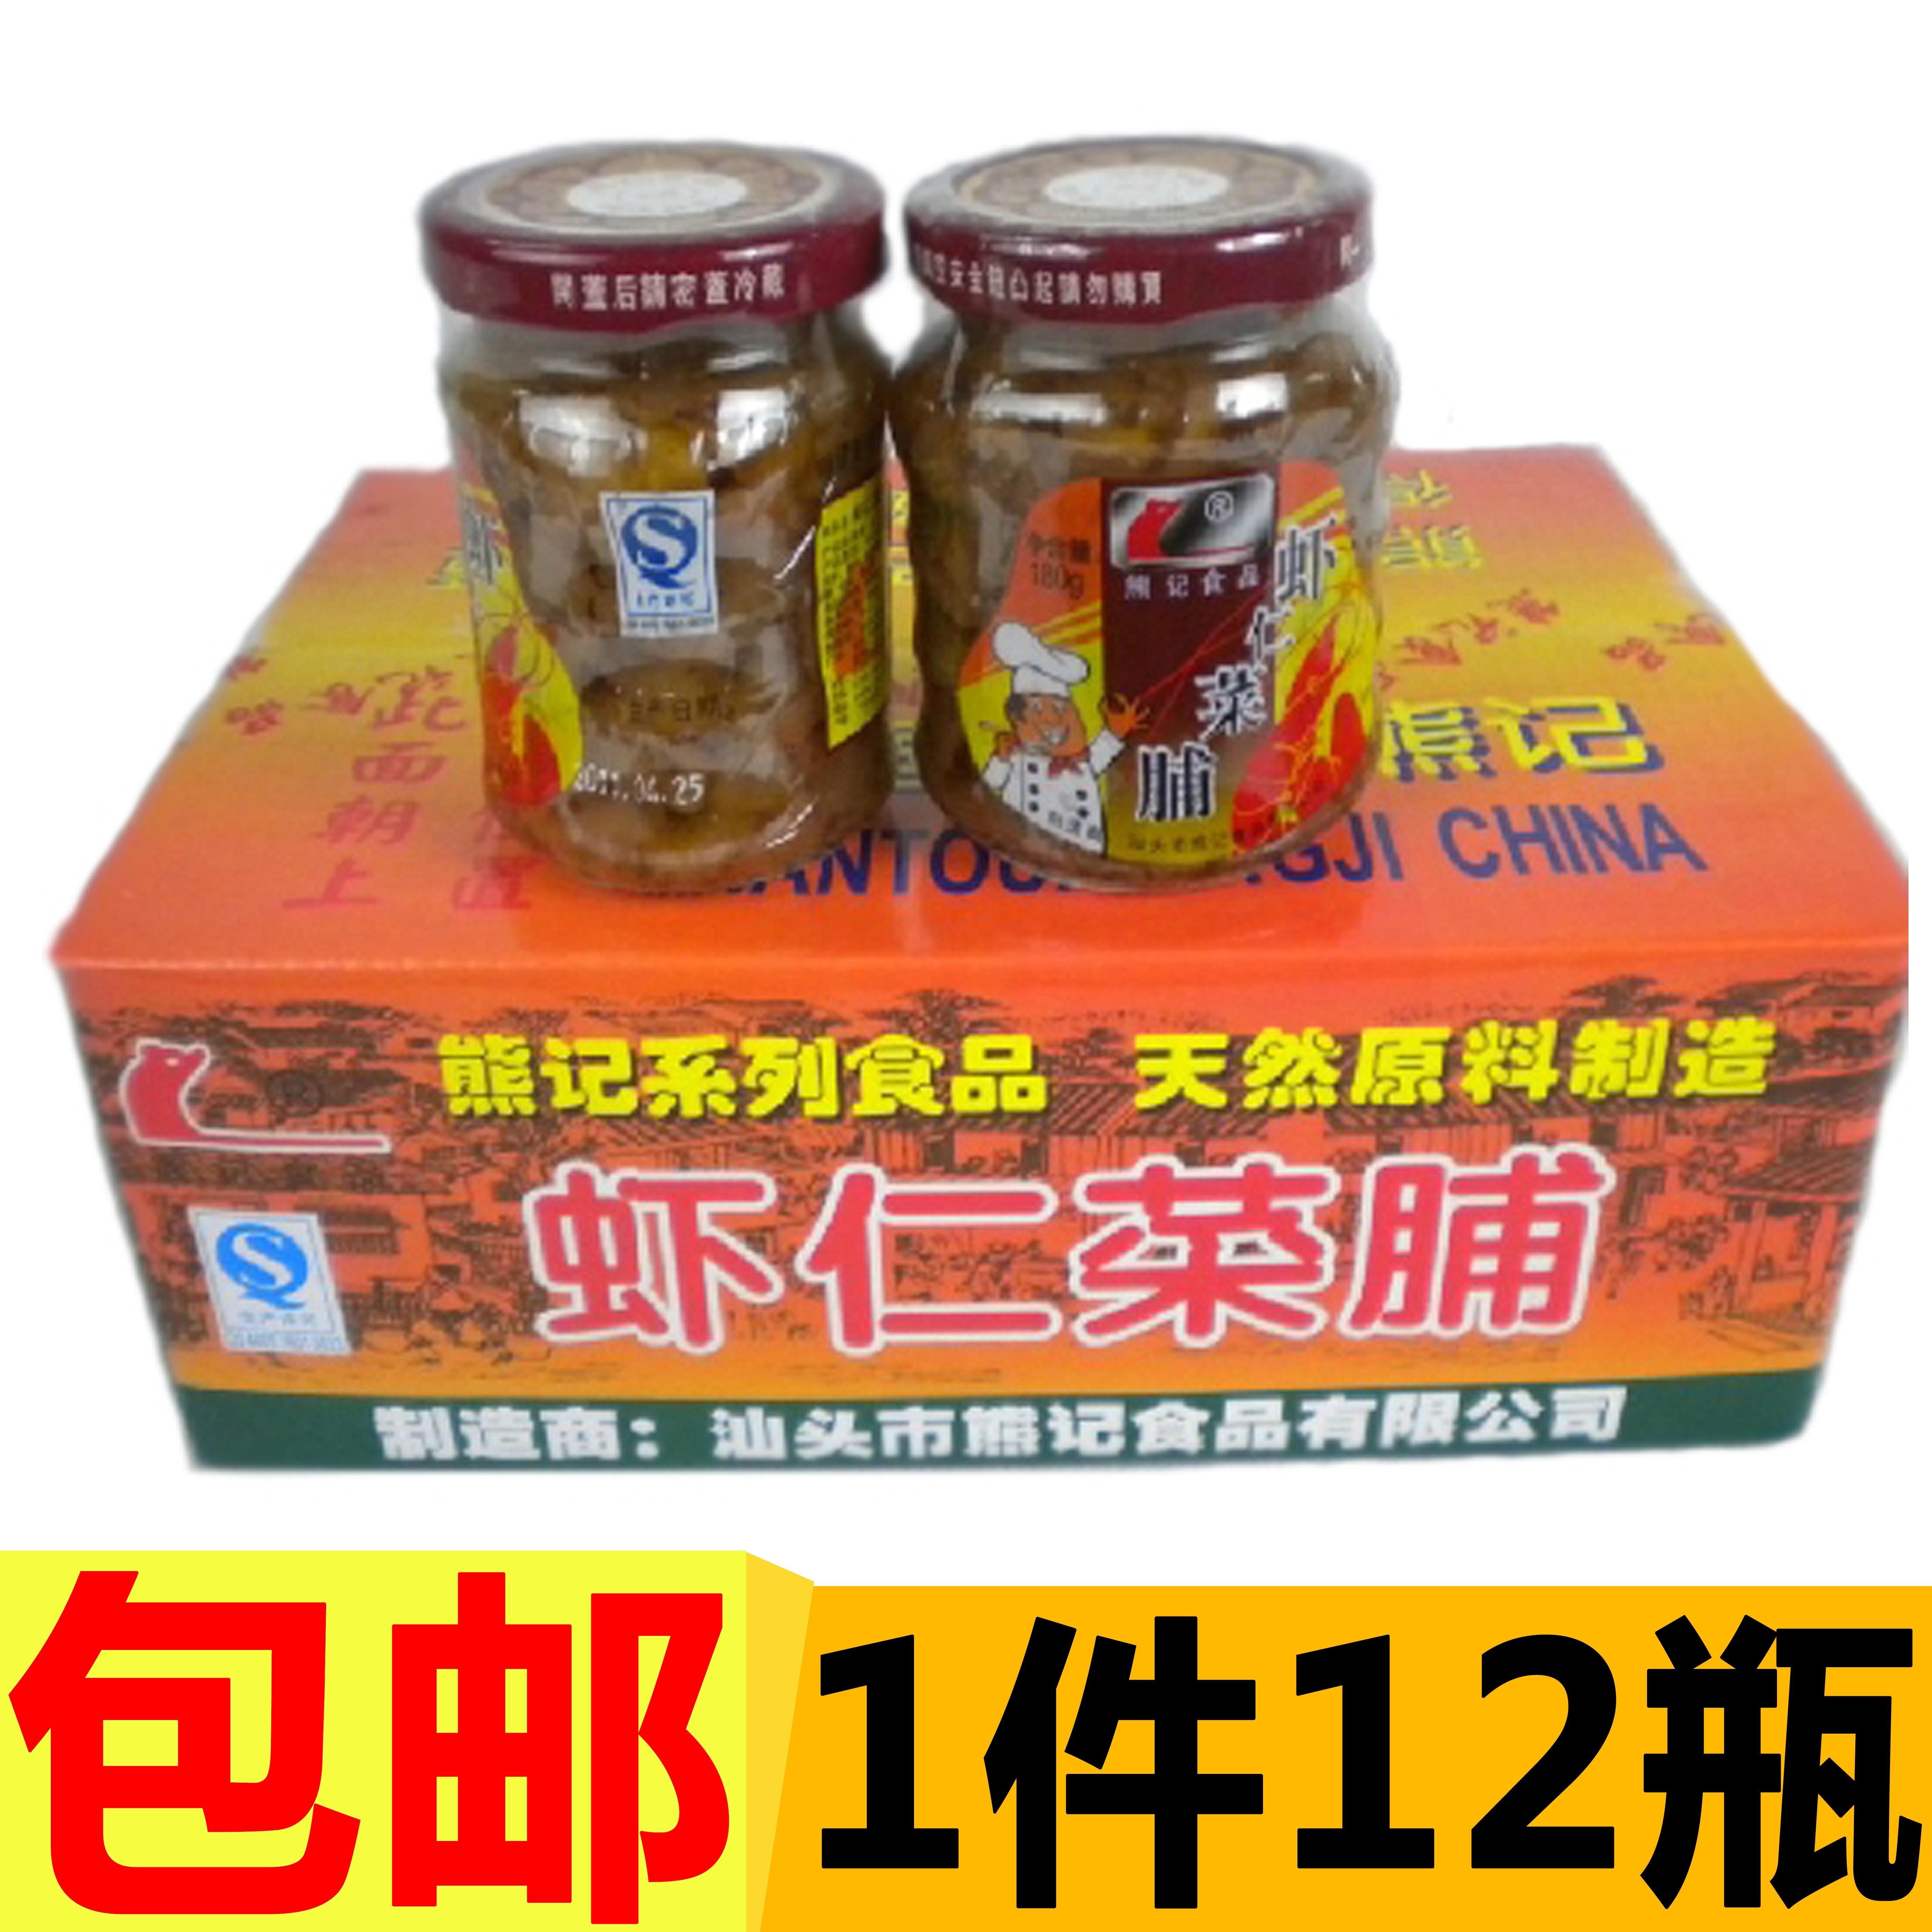 新货熊记虾仁菜脯 吃粥佐菜潮汕菜脯虾菜脯 180g*12杂咸